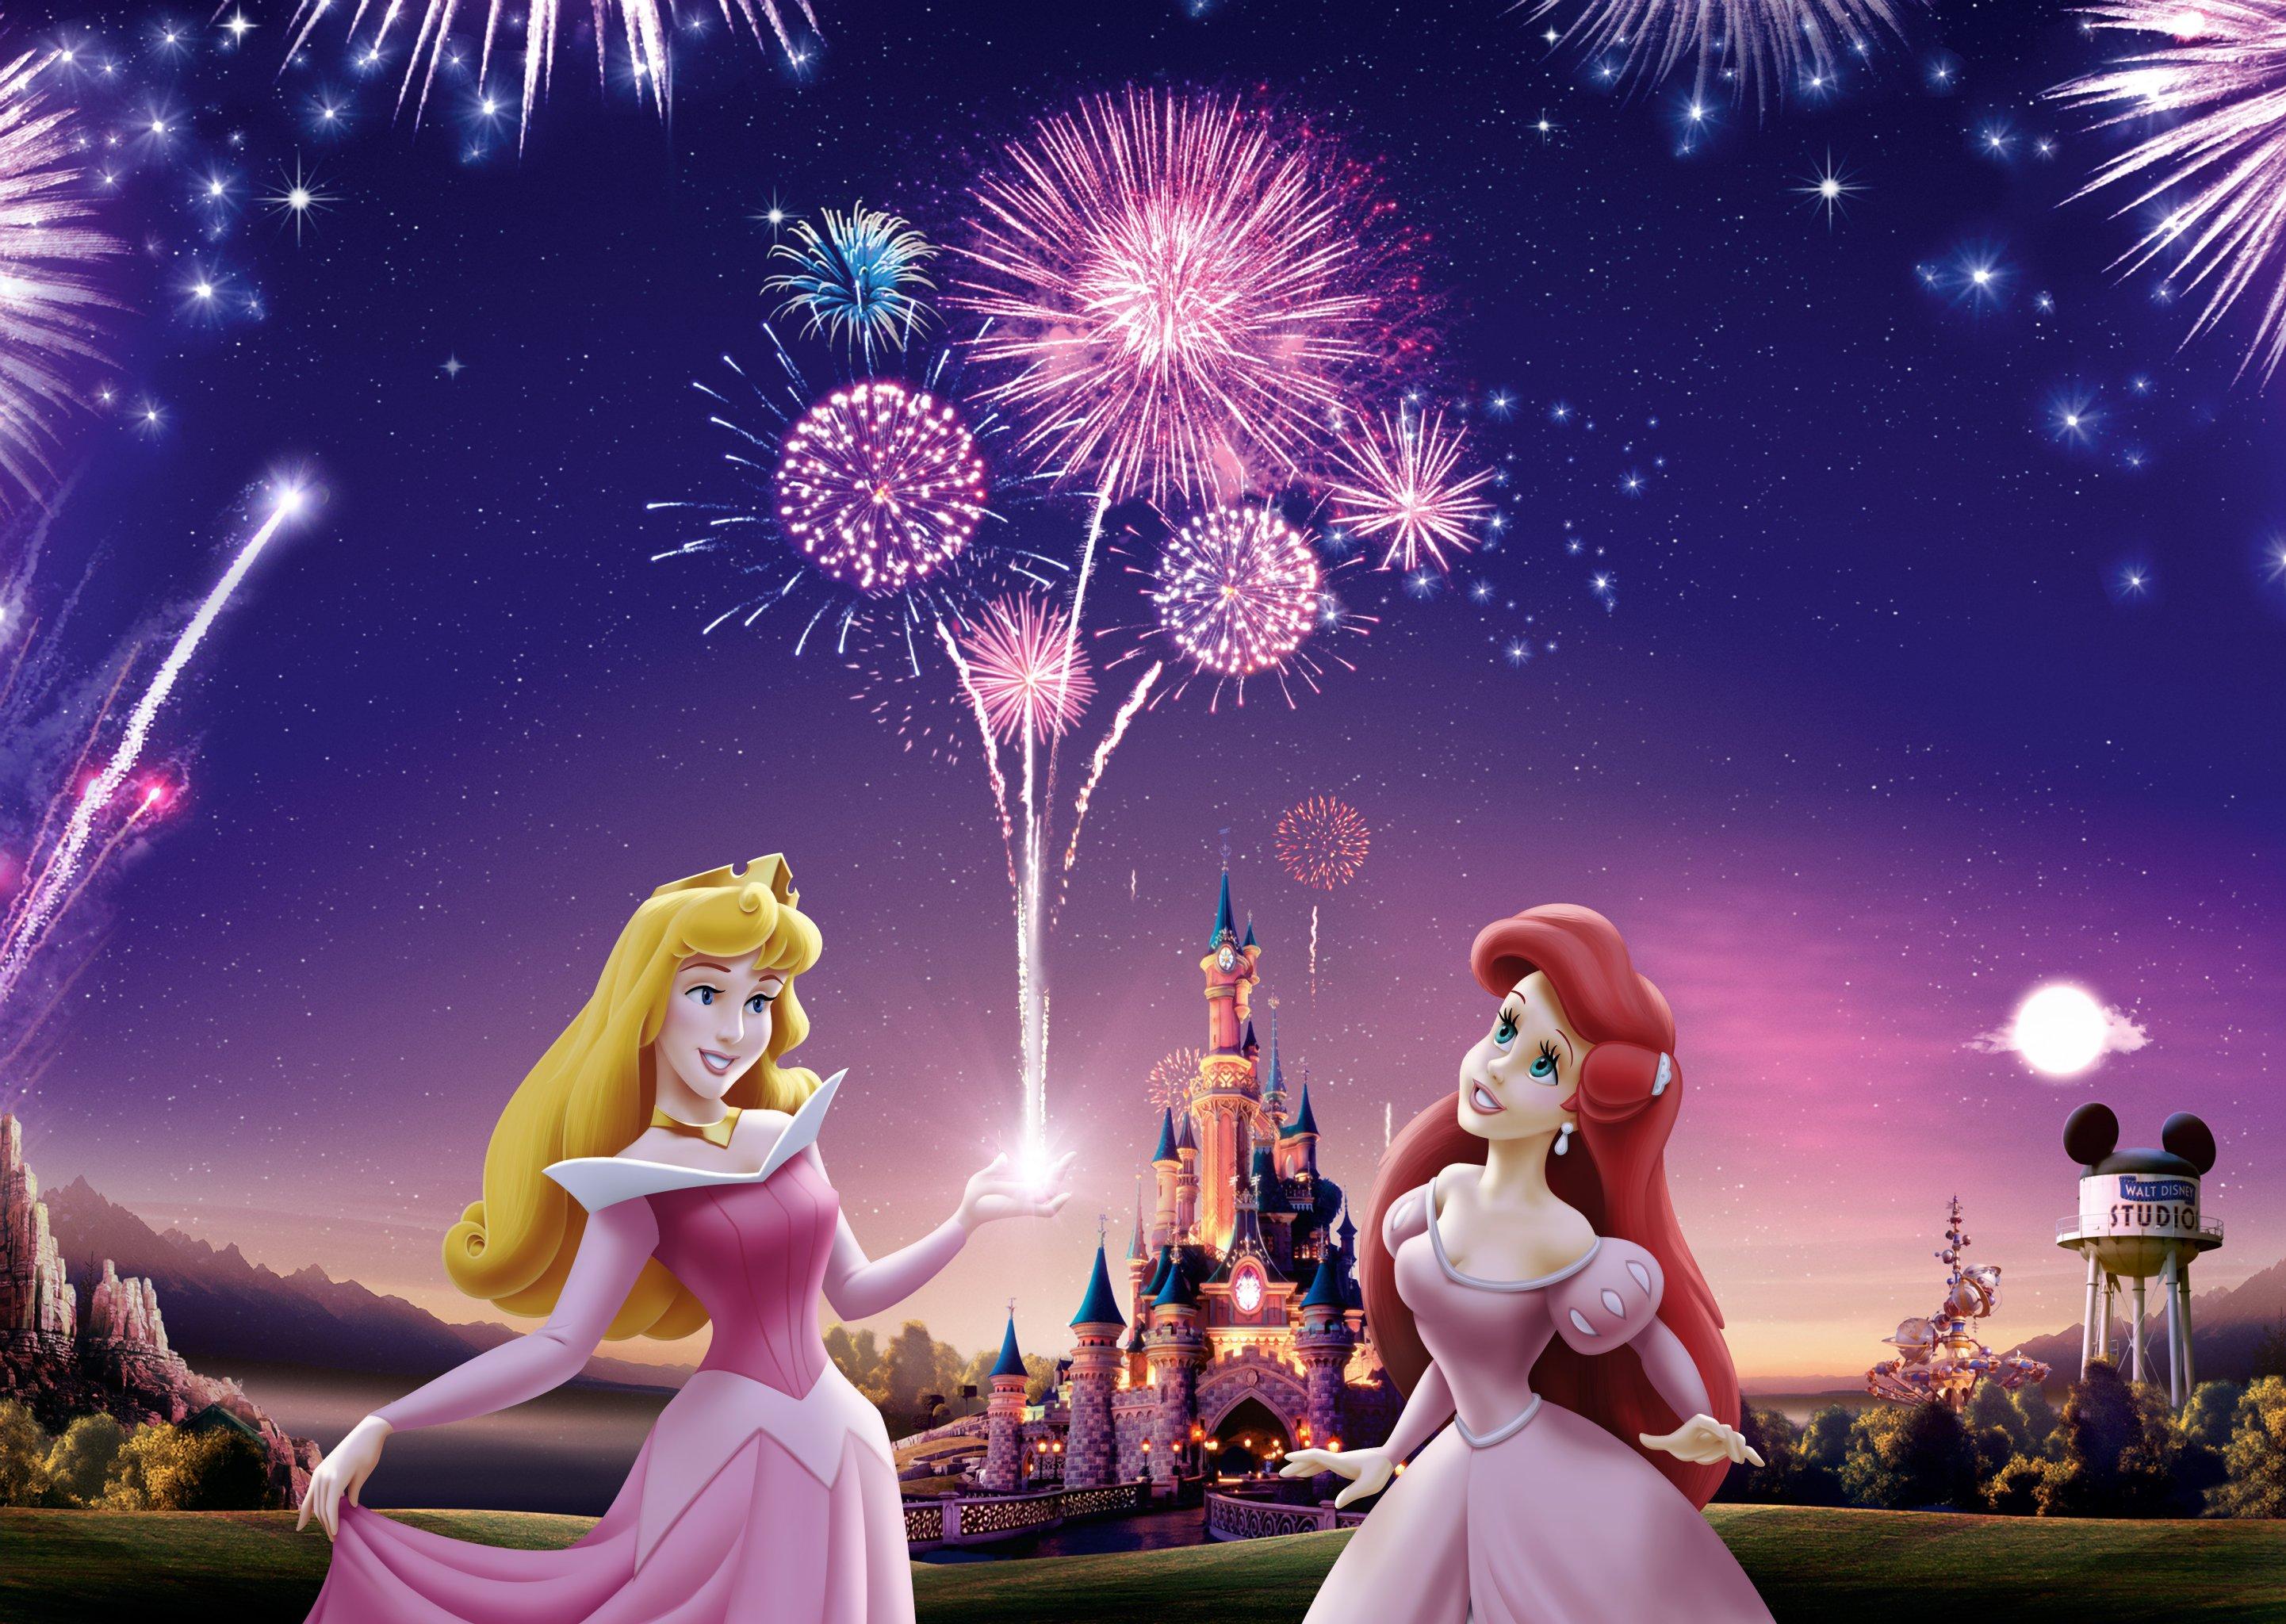 Imagenes princesas disney en hd definition imagui princesas disney enero 2012 altavistaventures Choice Image